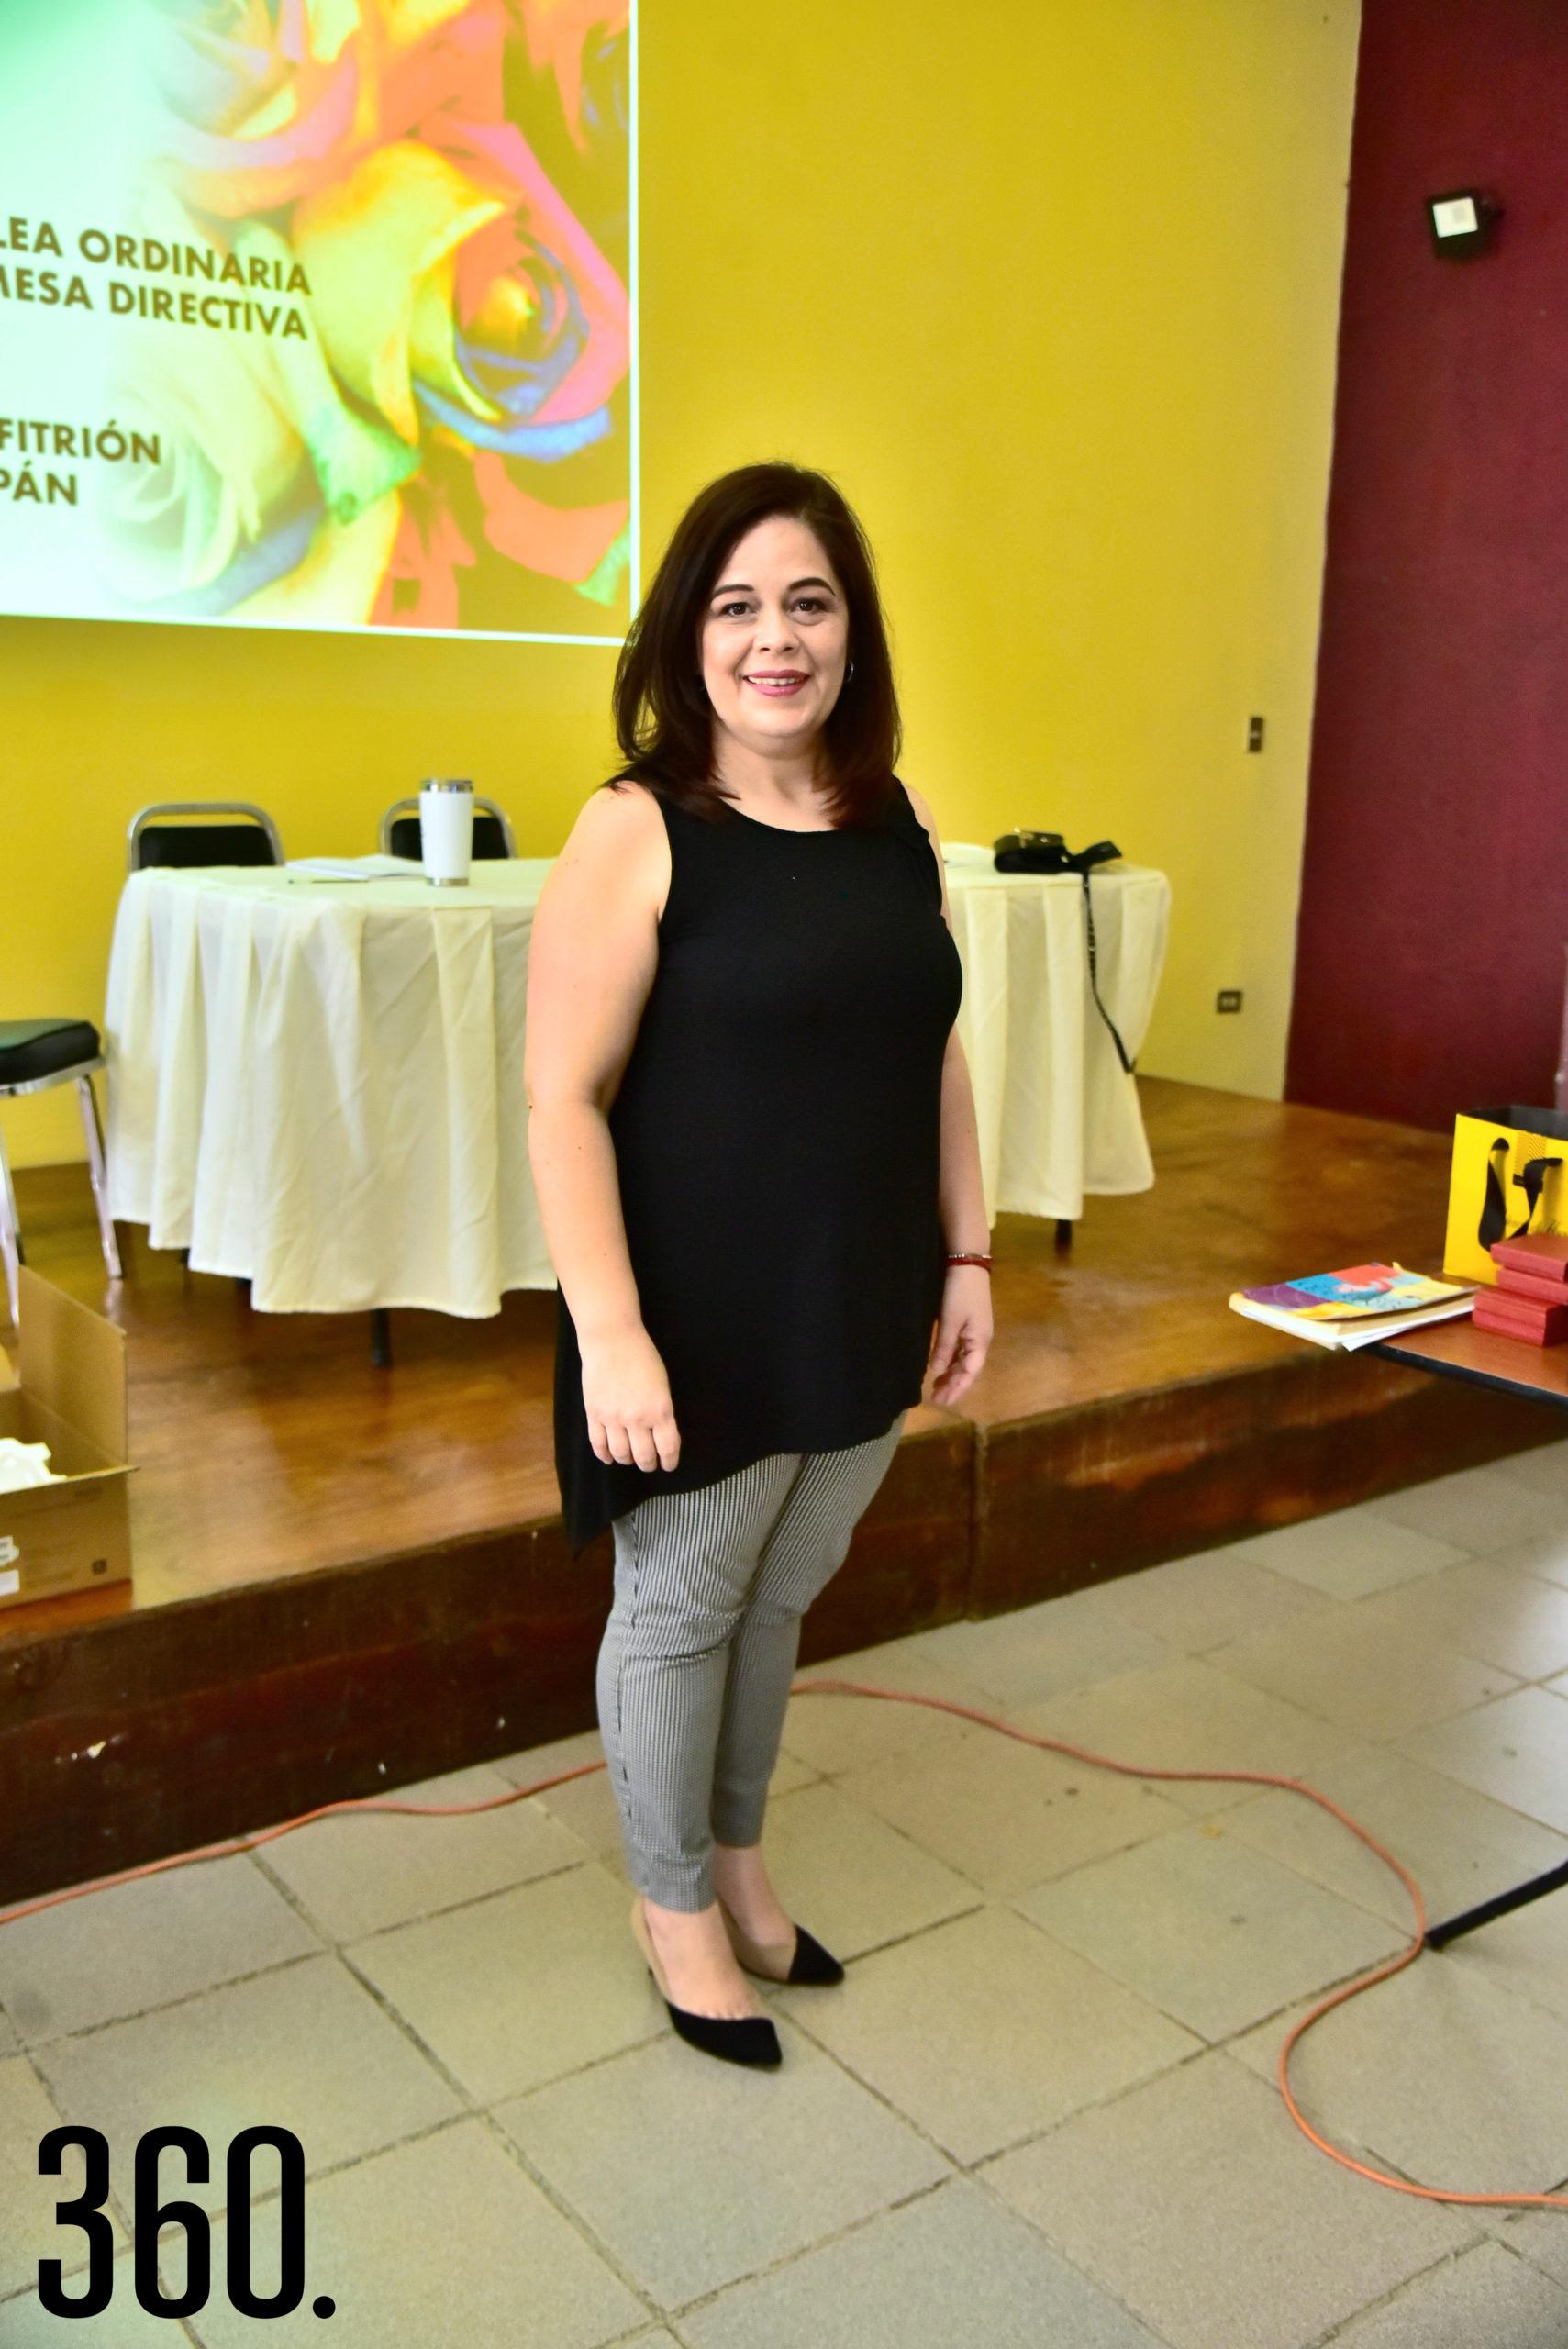 """Lic. Marisela Quiroga presento su conferencia llamada """"Teoría del color""""."""